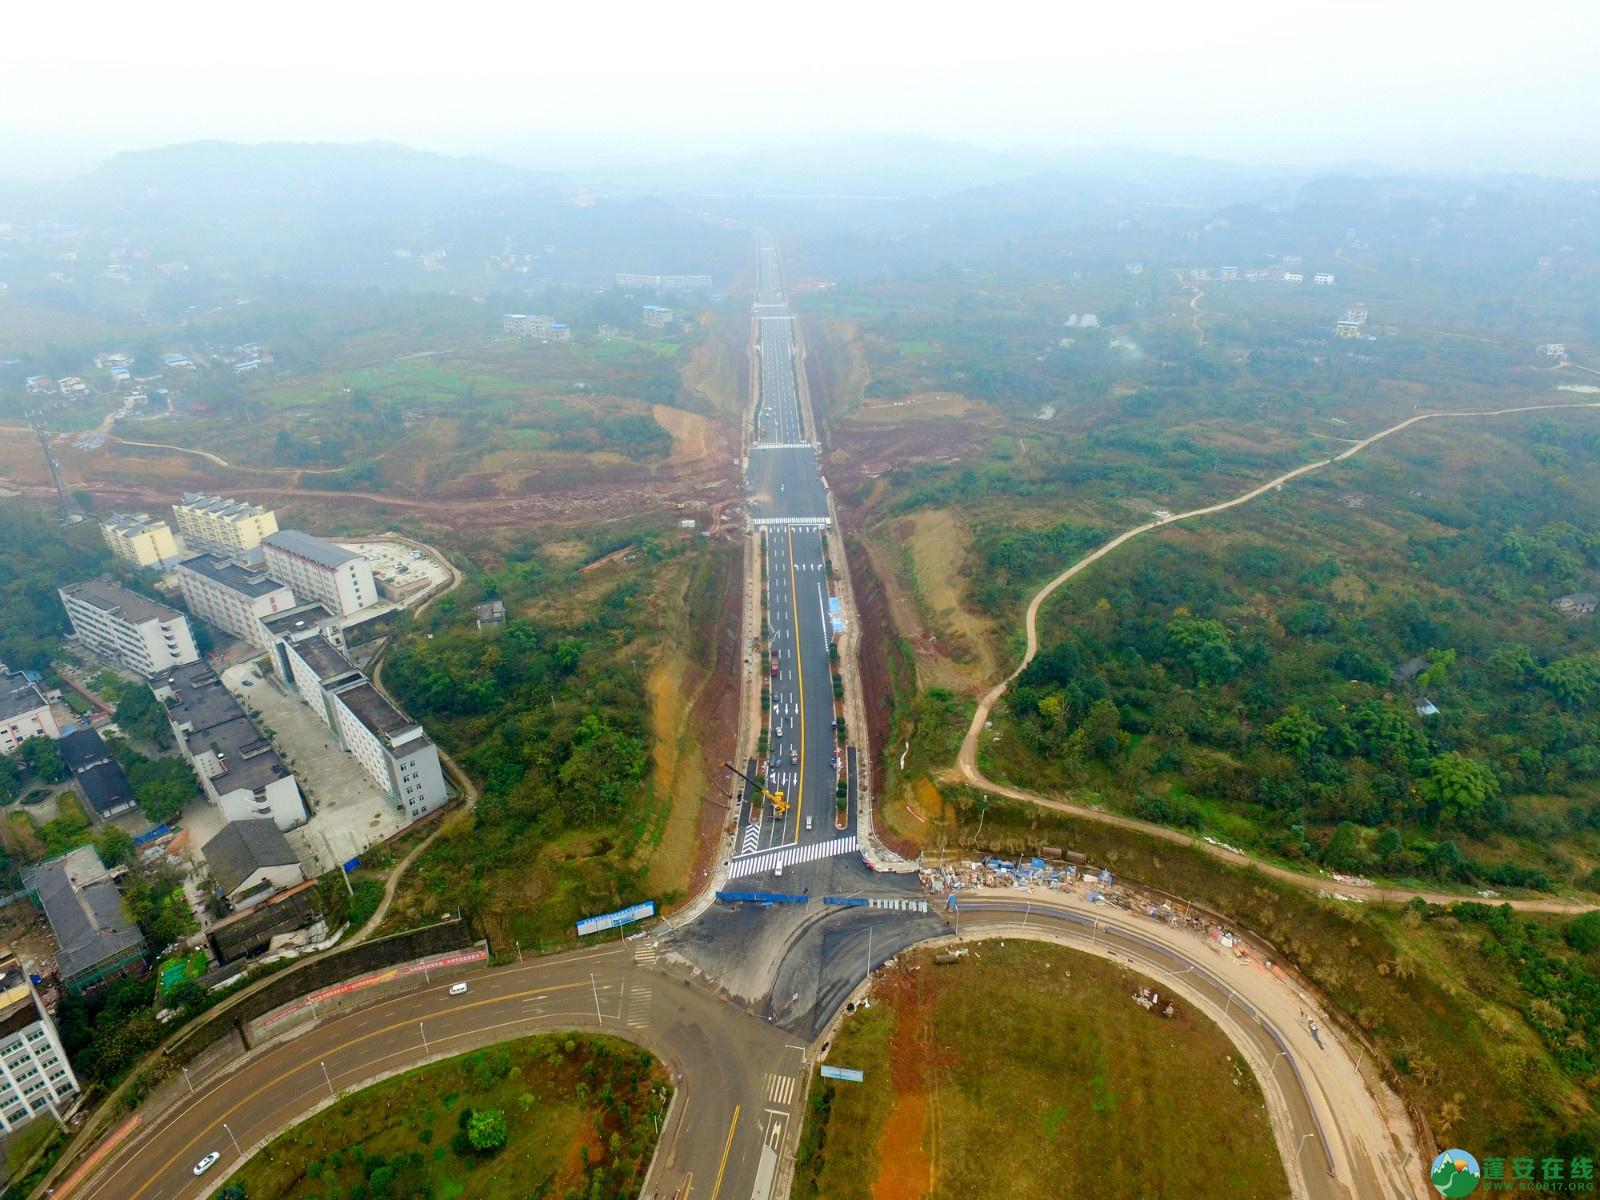 蓬安县凤凰大桥西延线、燕山大道、锦屏干一道、抚琴大道交通要道最新进展!(2019.12.24) - 第33张  | 蓬安在线